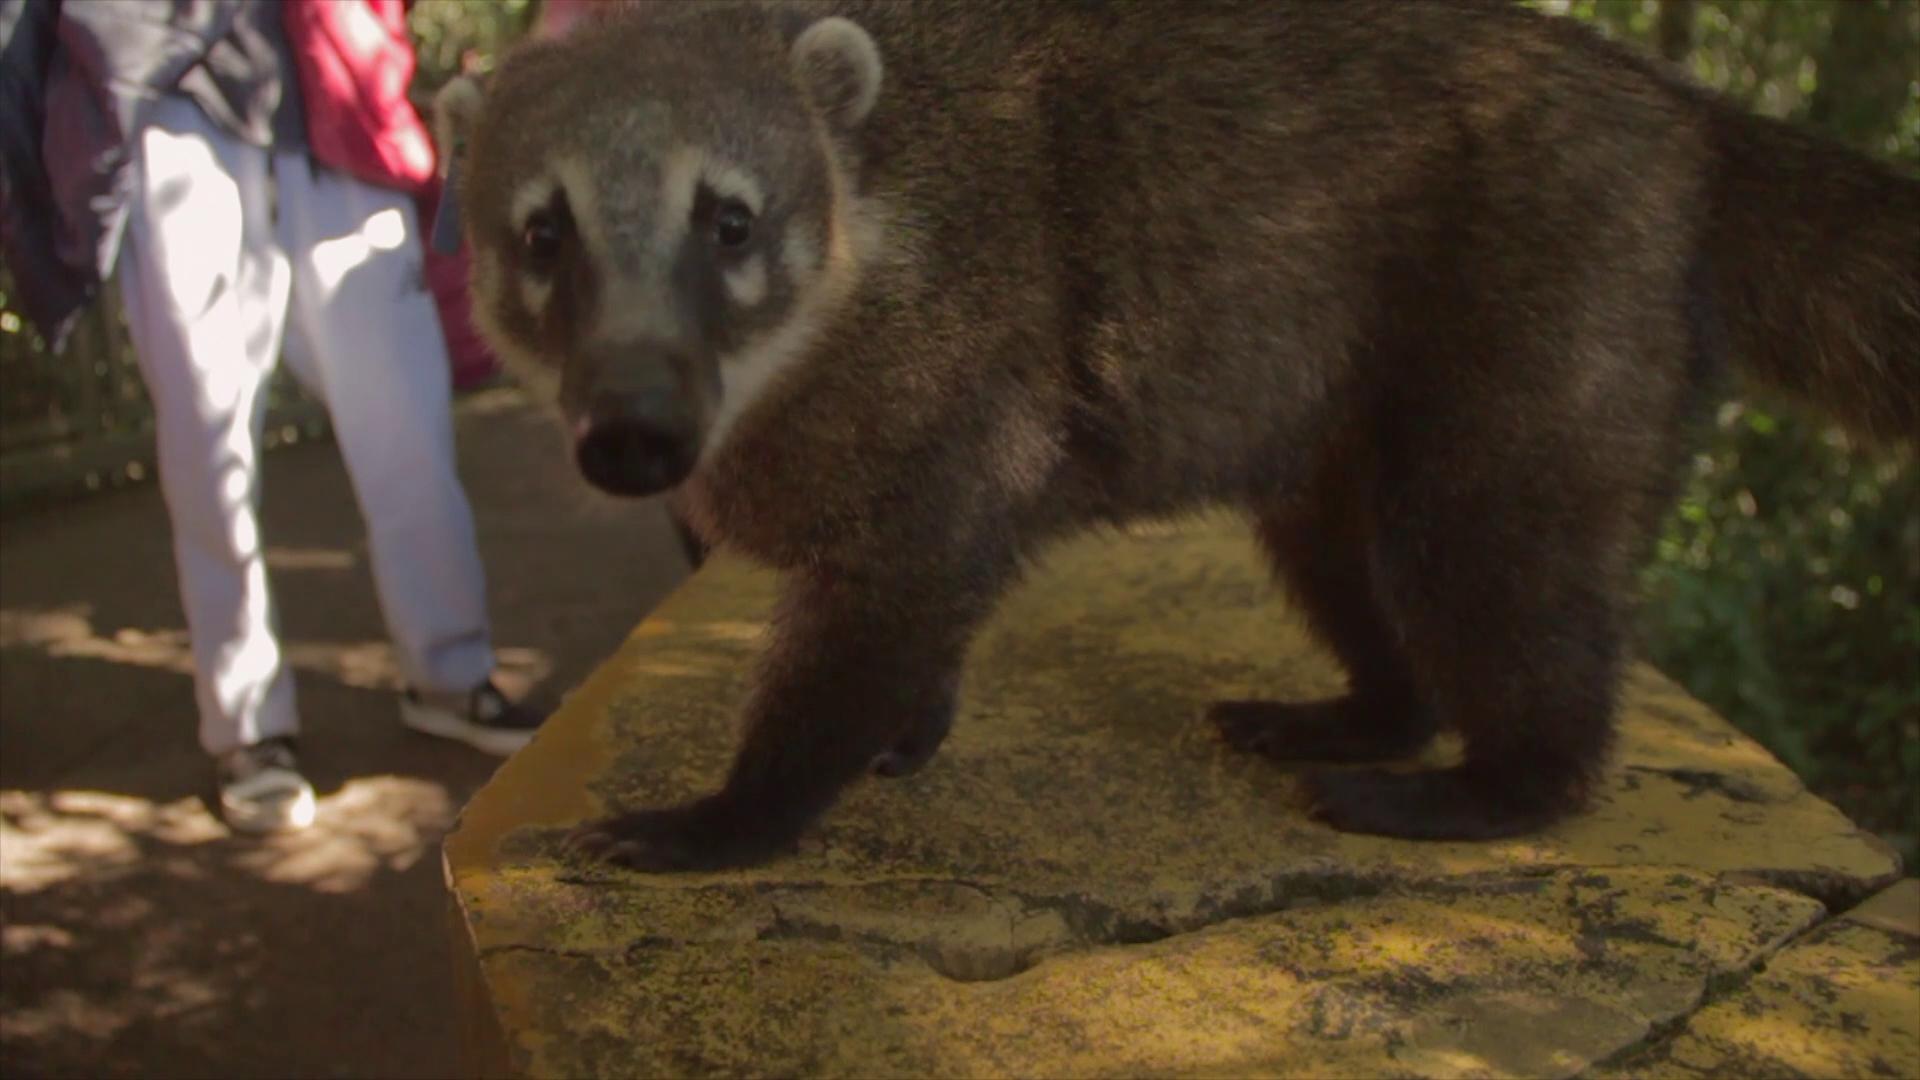 mito iguazu coati pablocaminante - Audiovisual